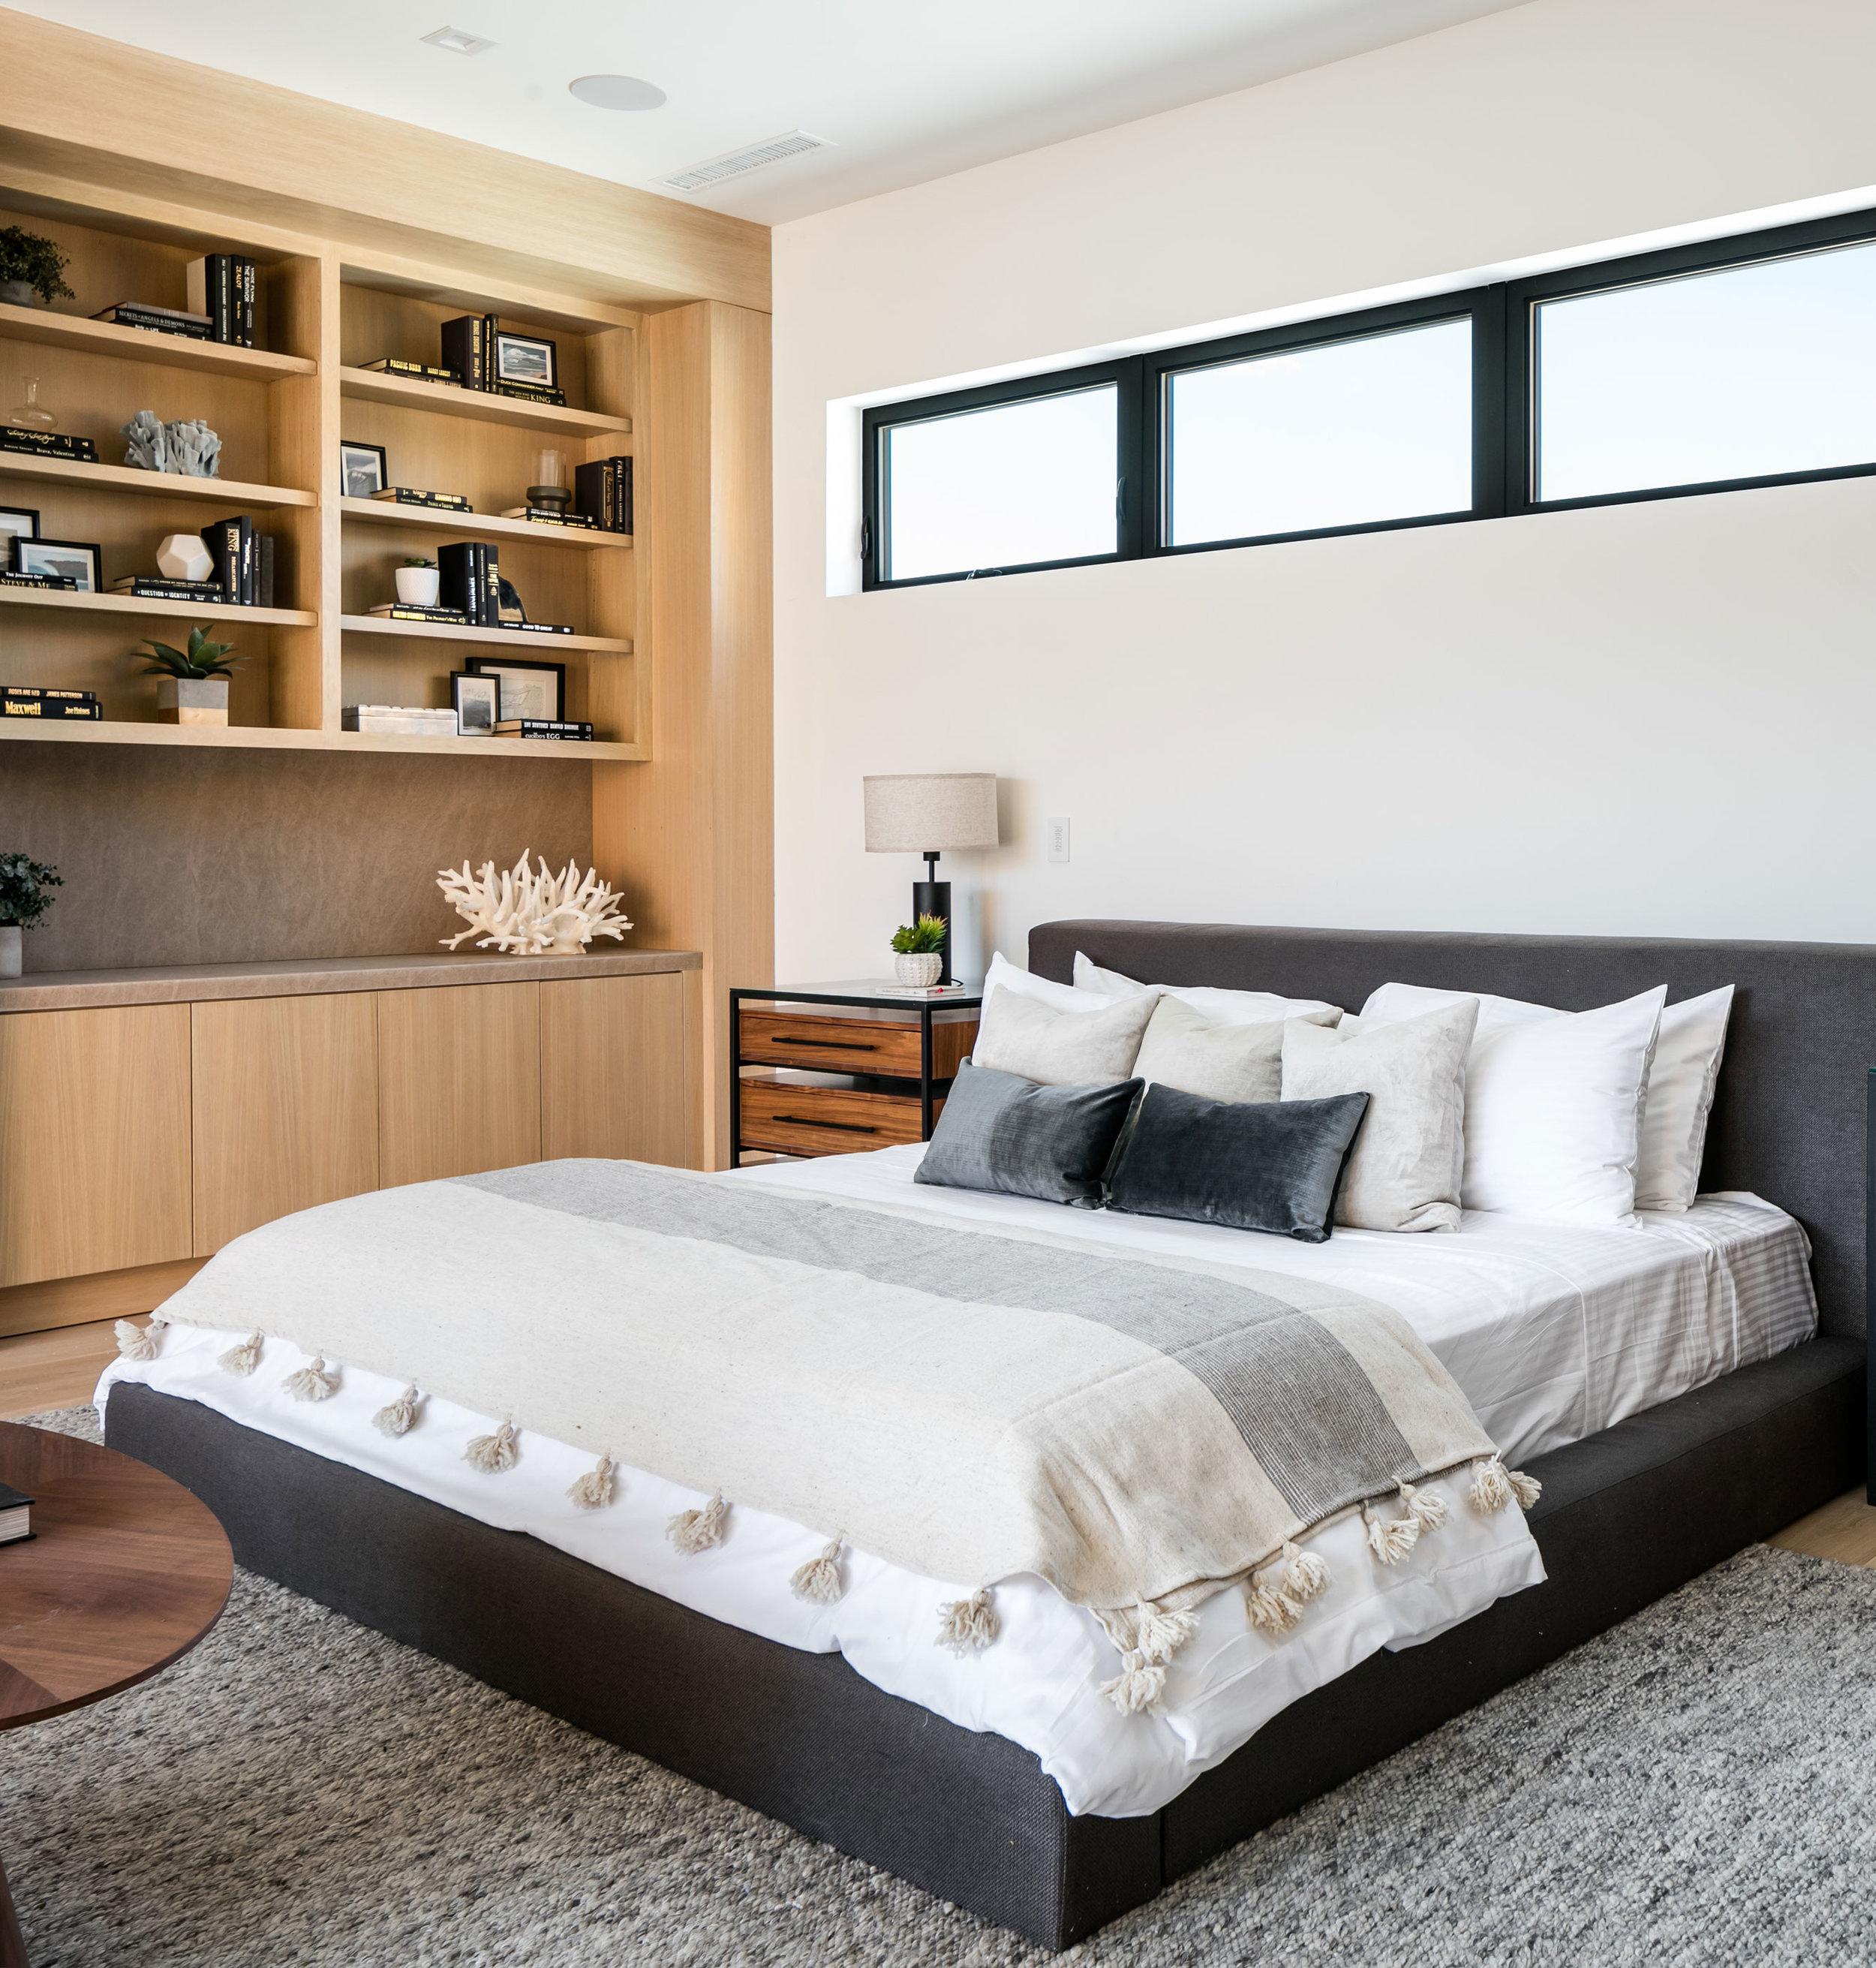 10-Contemporary-Los-Angeles-MasterBedroom-SiliconBay.jpg